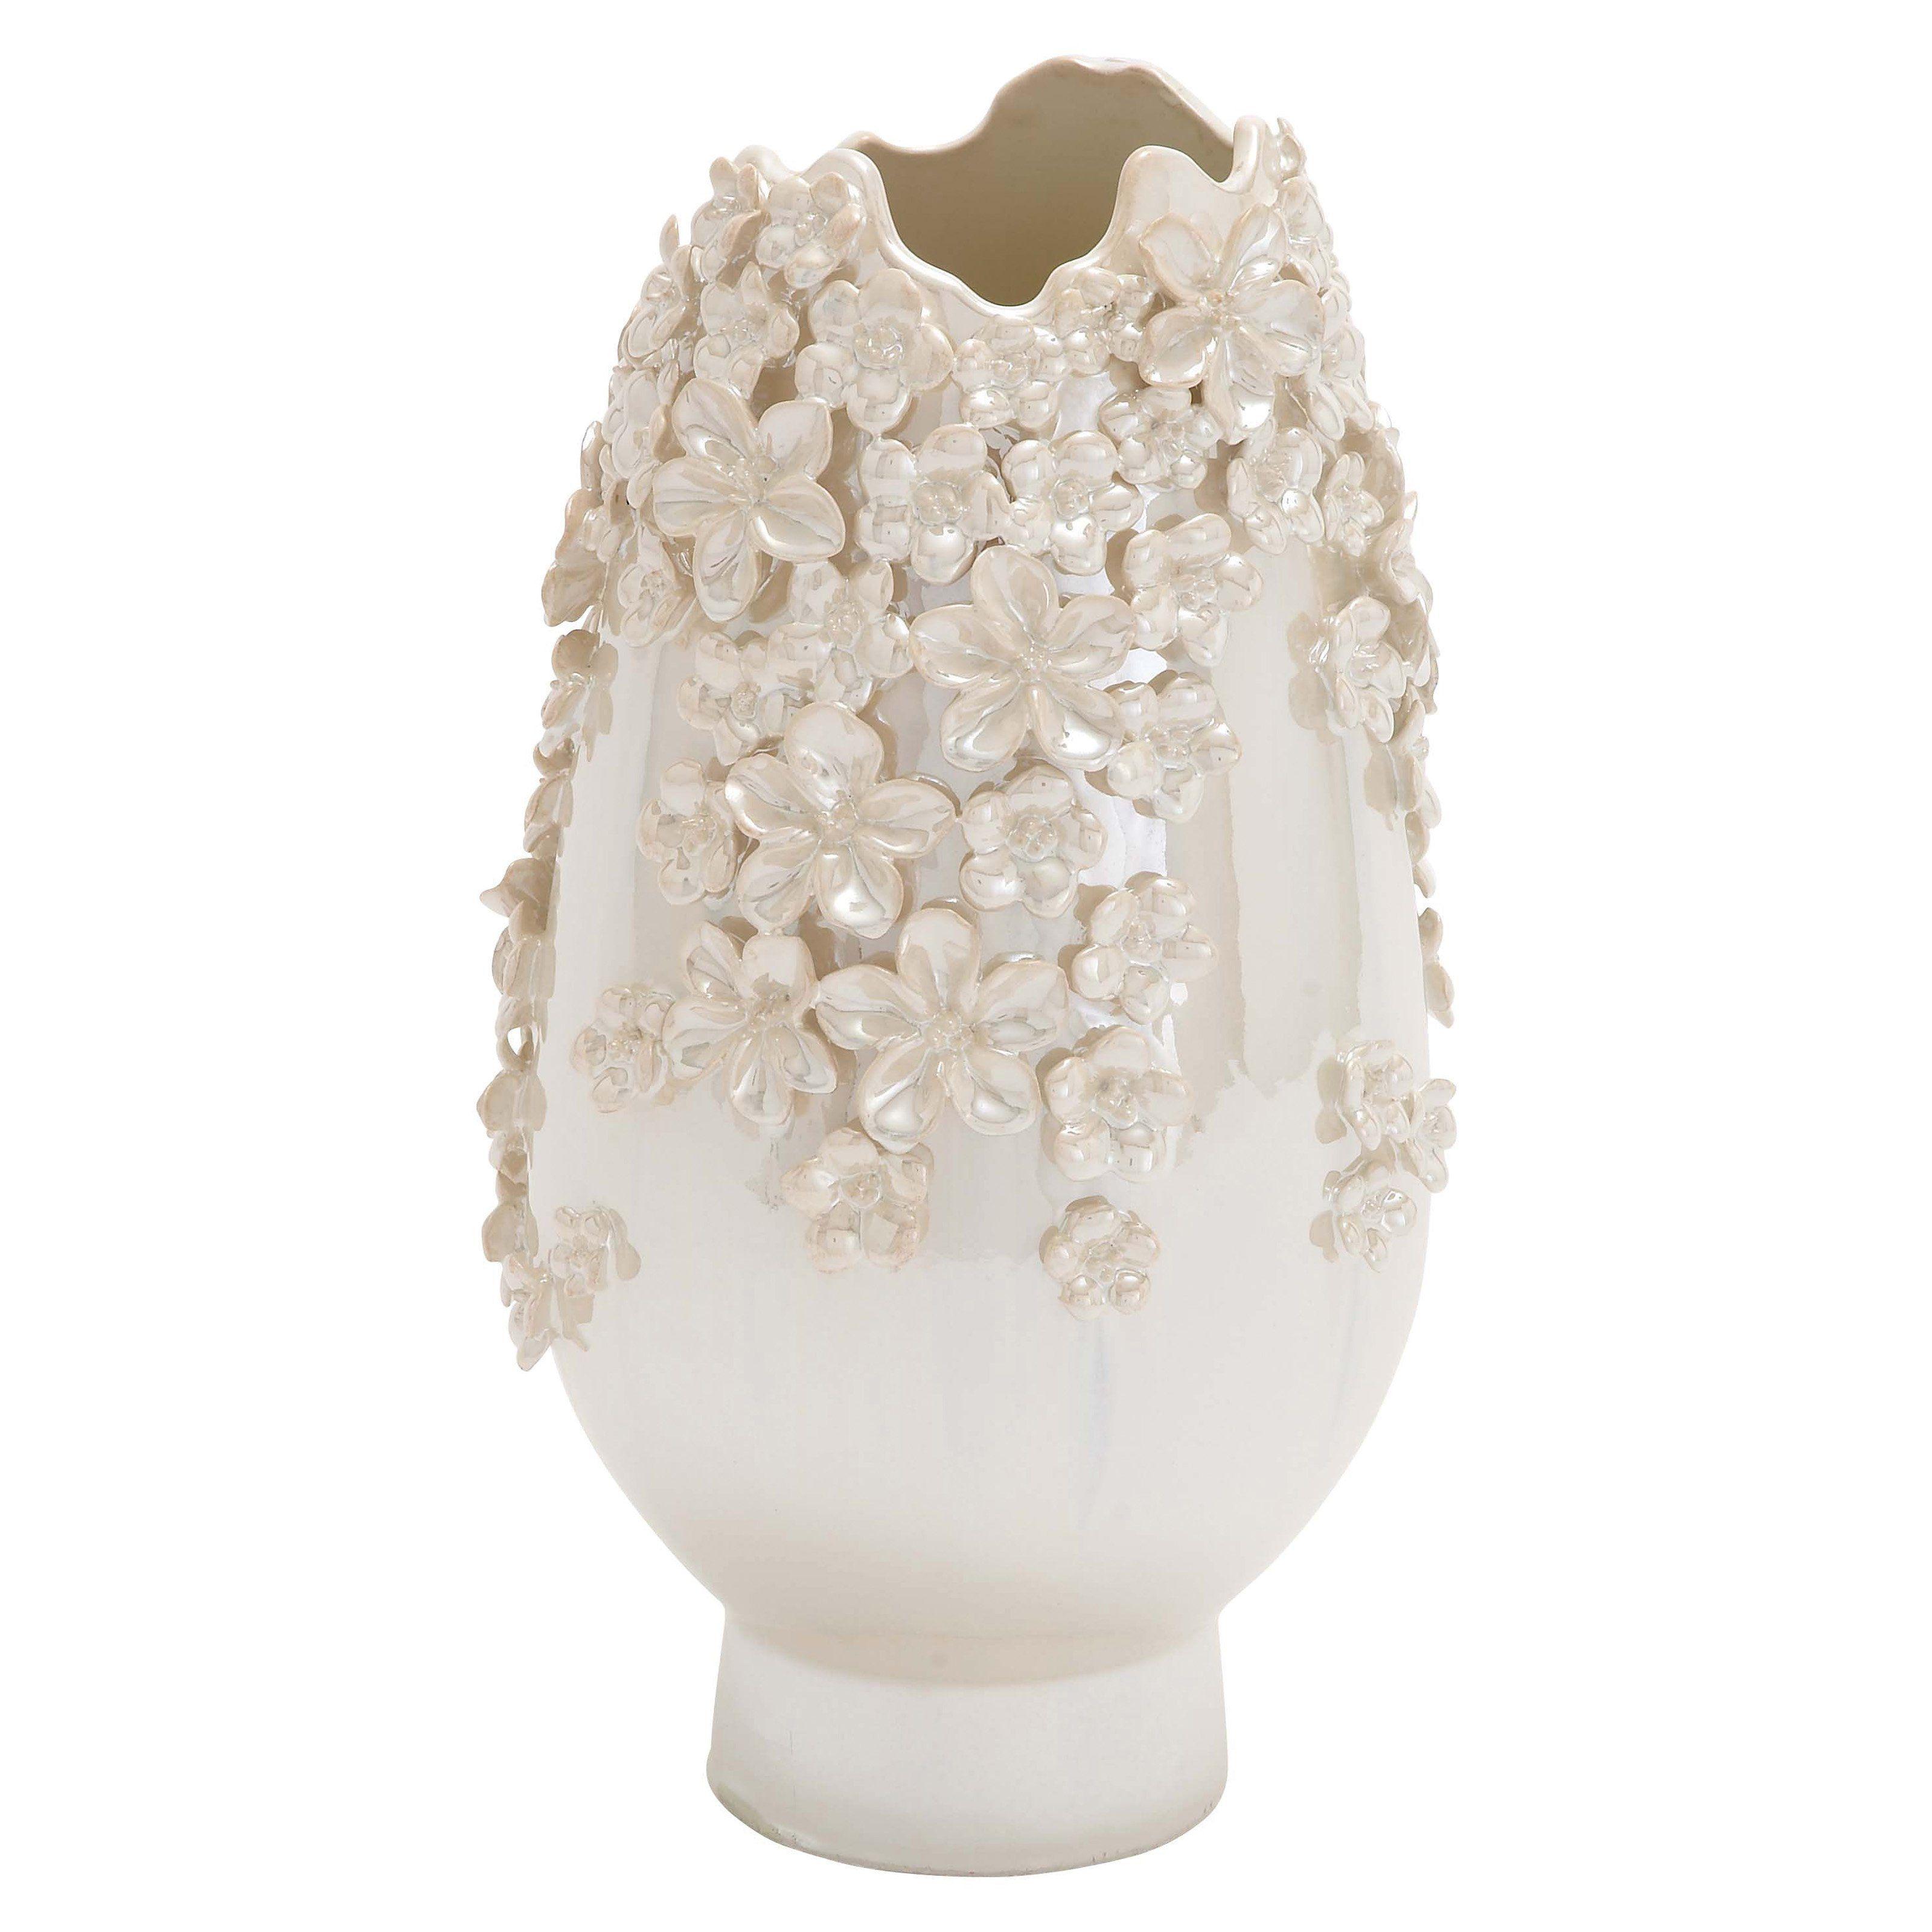 DecMode Floral Ceramic Vase - 62161